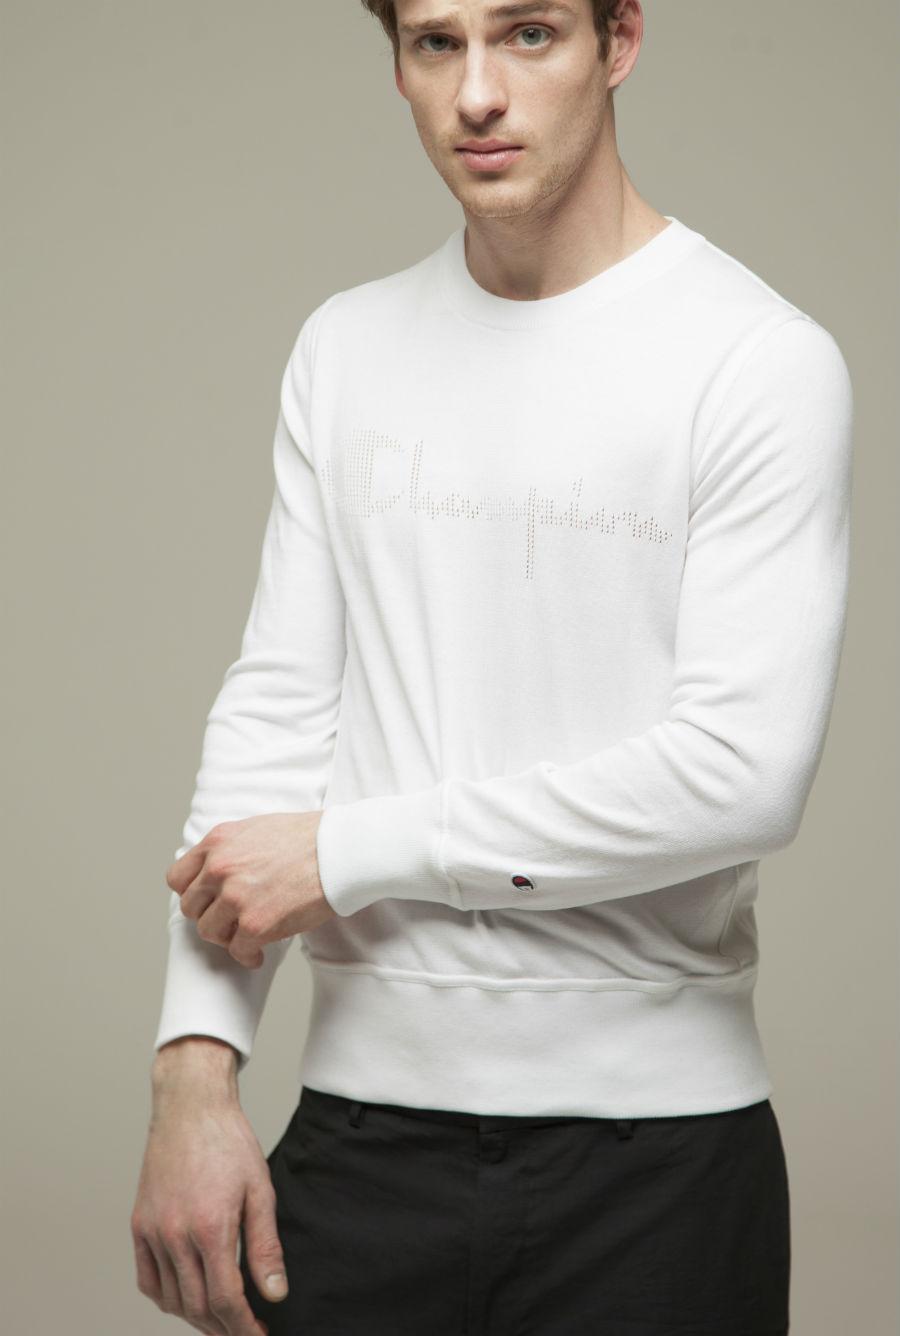 Modello indossa abbigliamento Paolo Pecora in collabvorazione con Champion SS2018